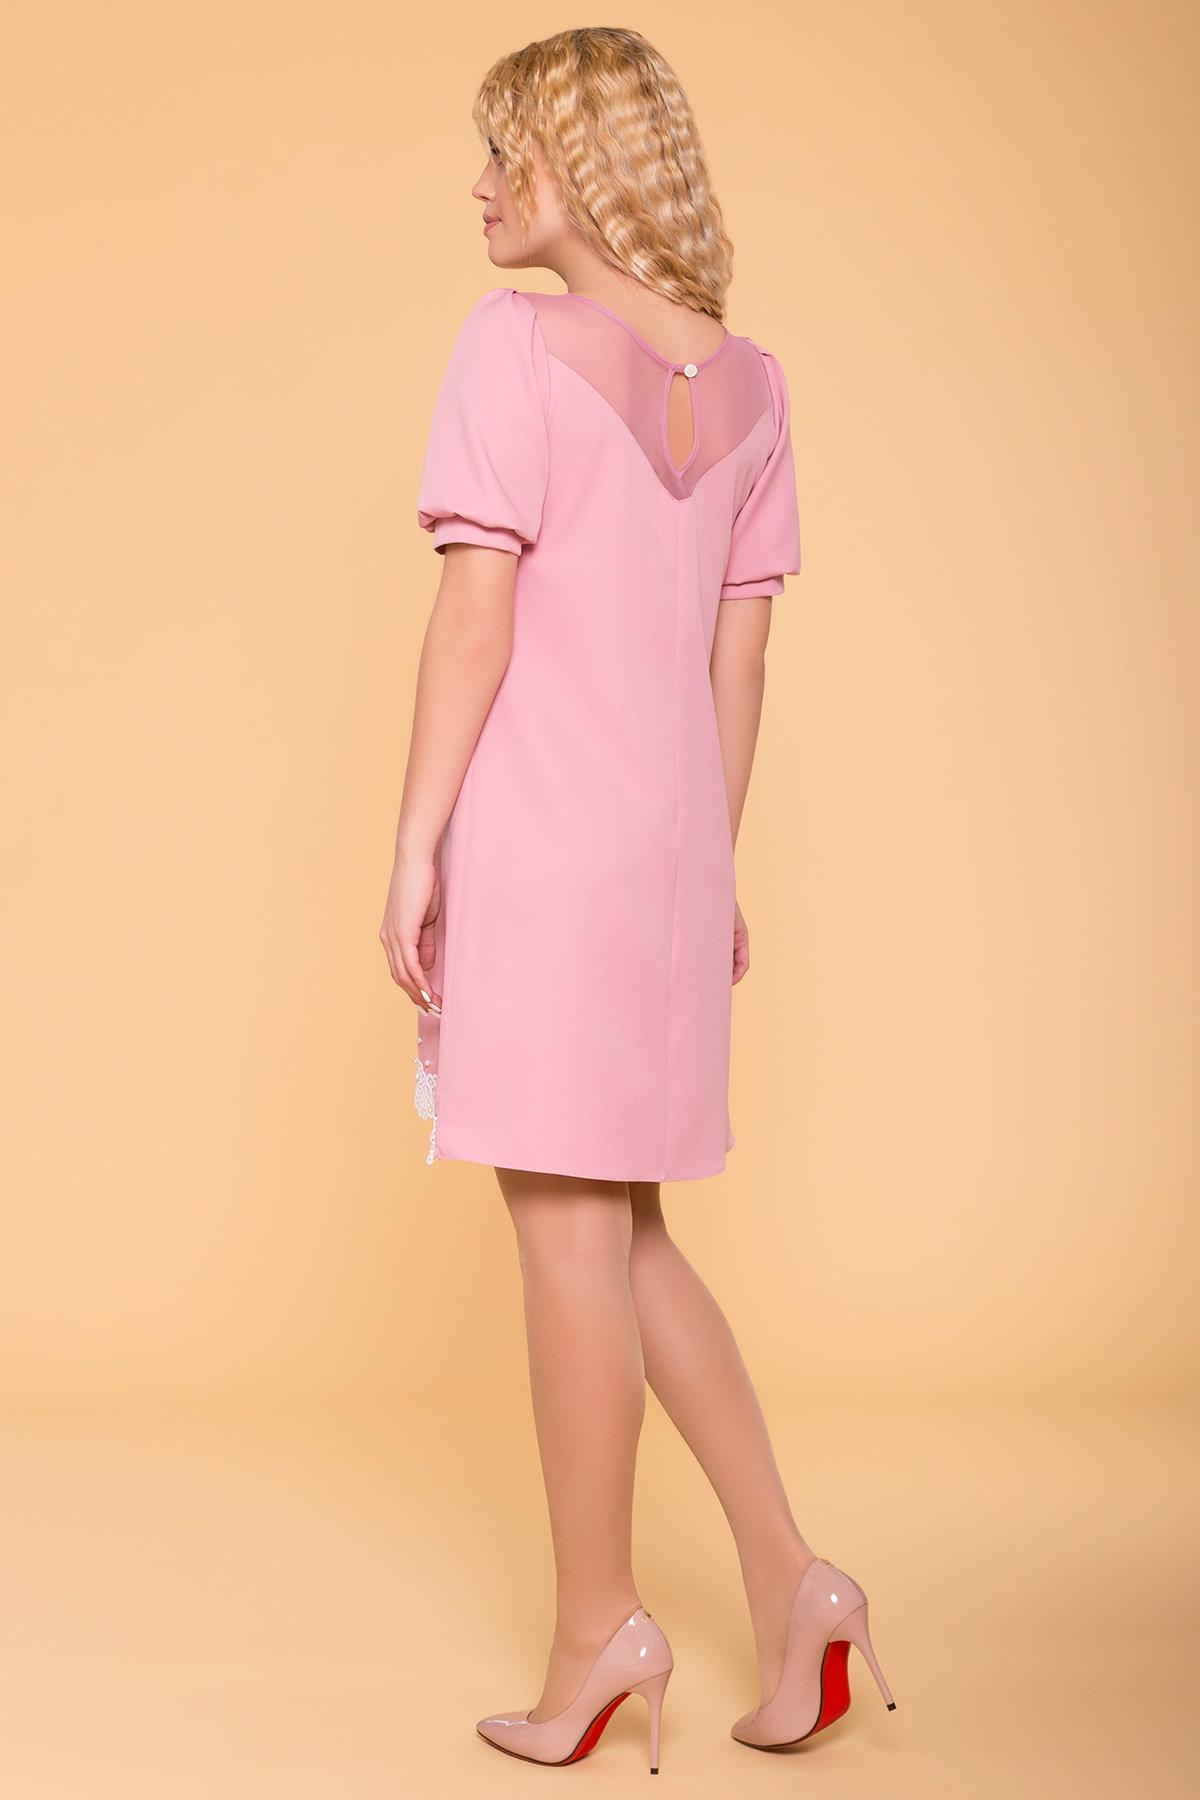 Платье с рукавом фонарик Алексис 6650 АРТ. 41754 Цвет: Пудра 15 - фото 2, интернет магазин tm-modus.ru